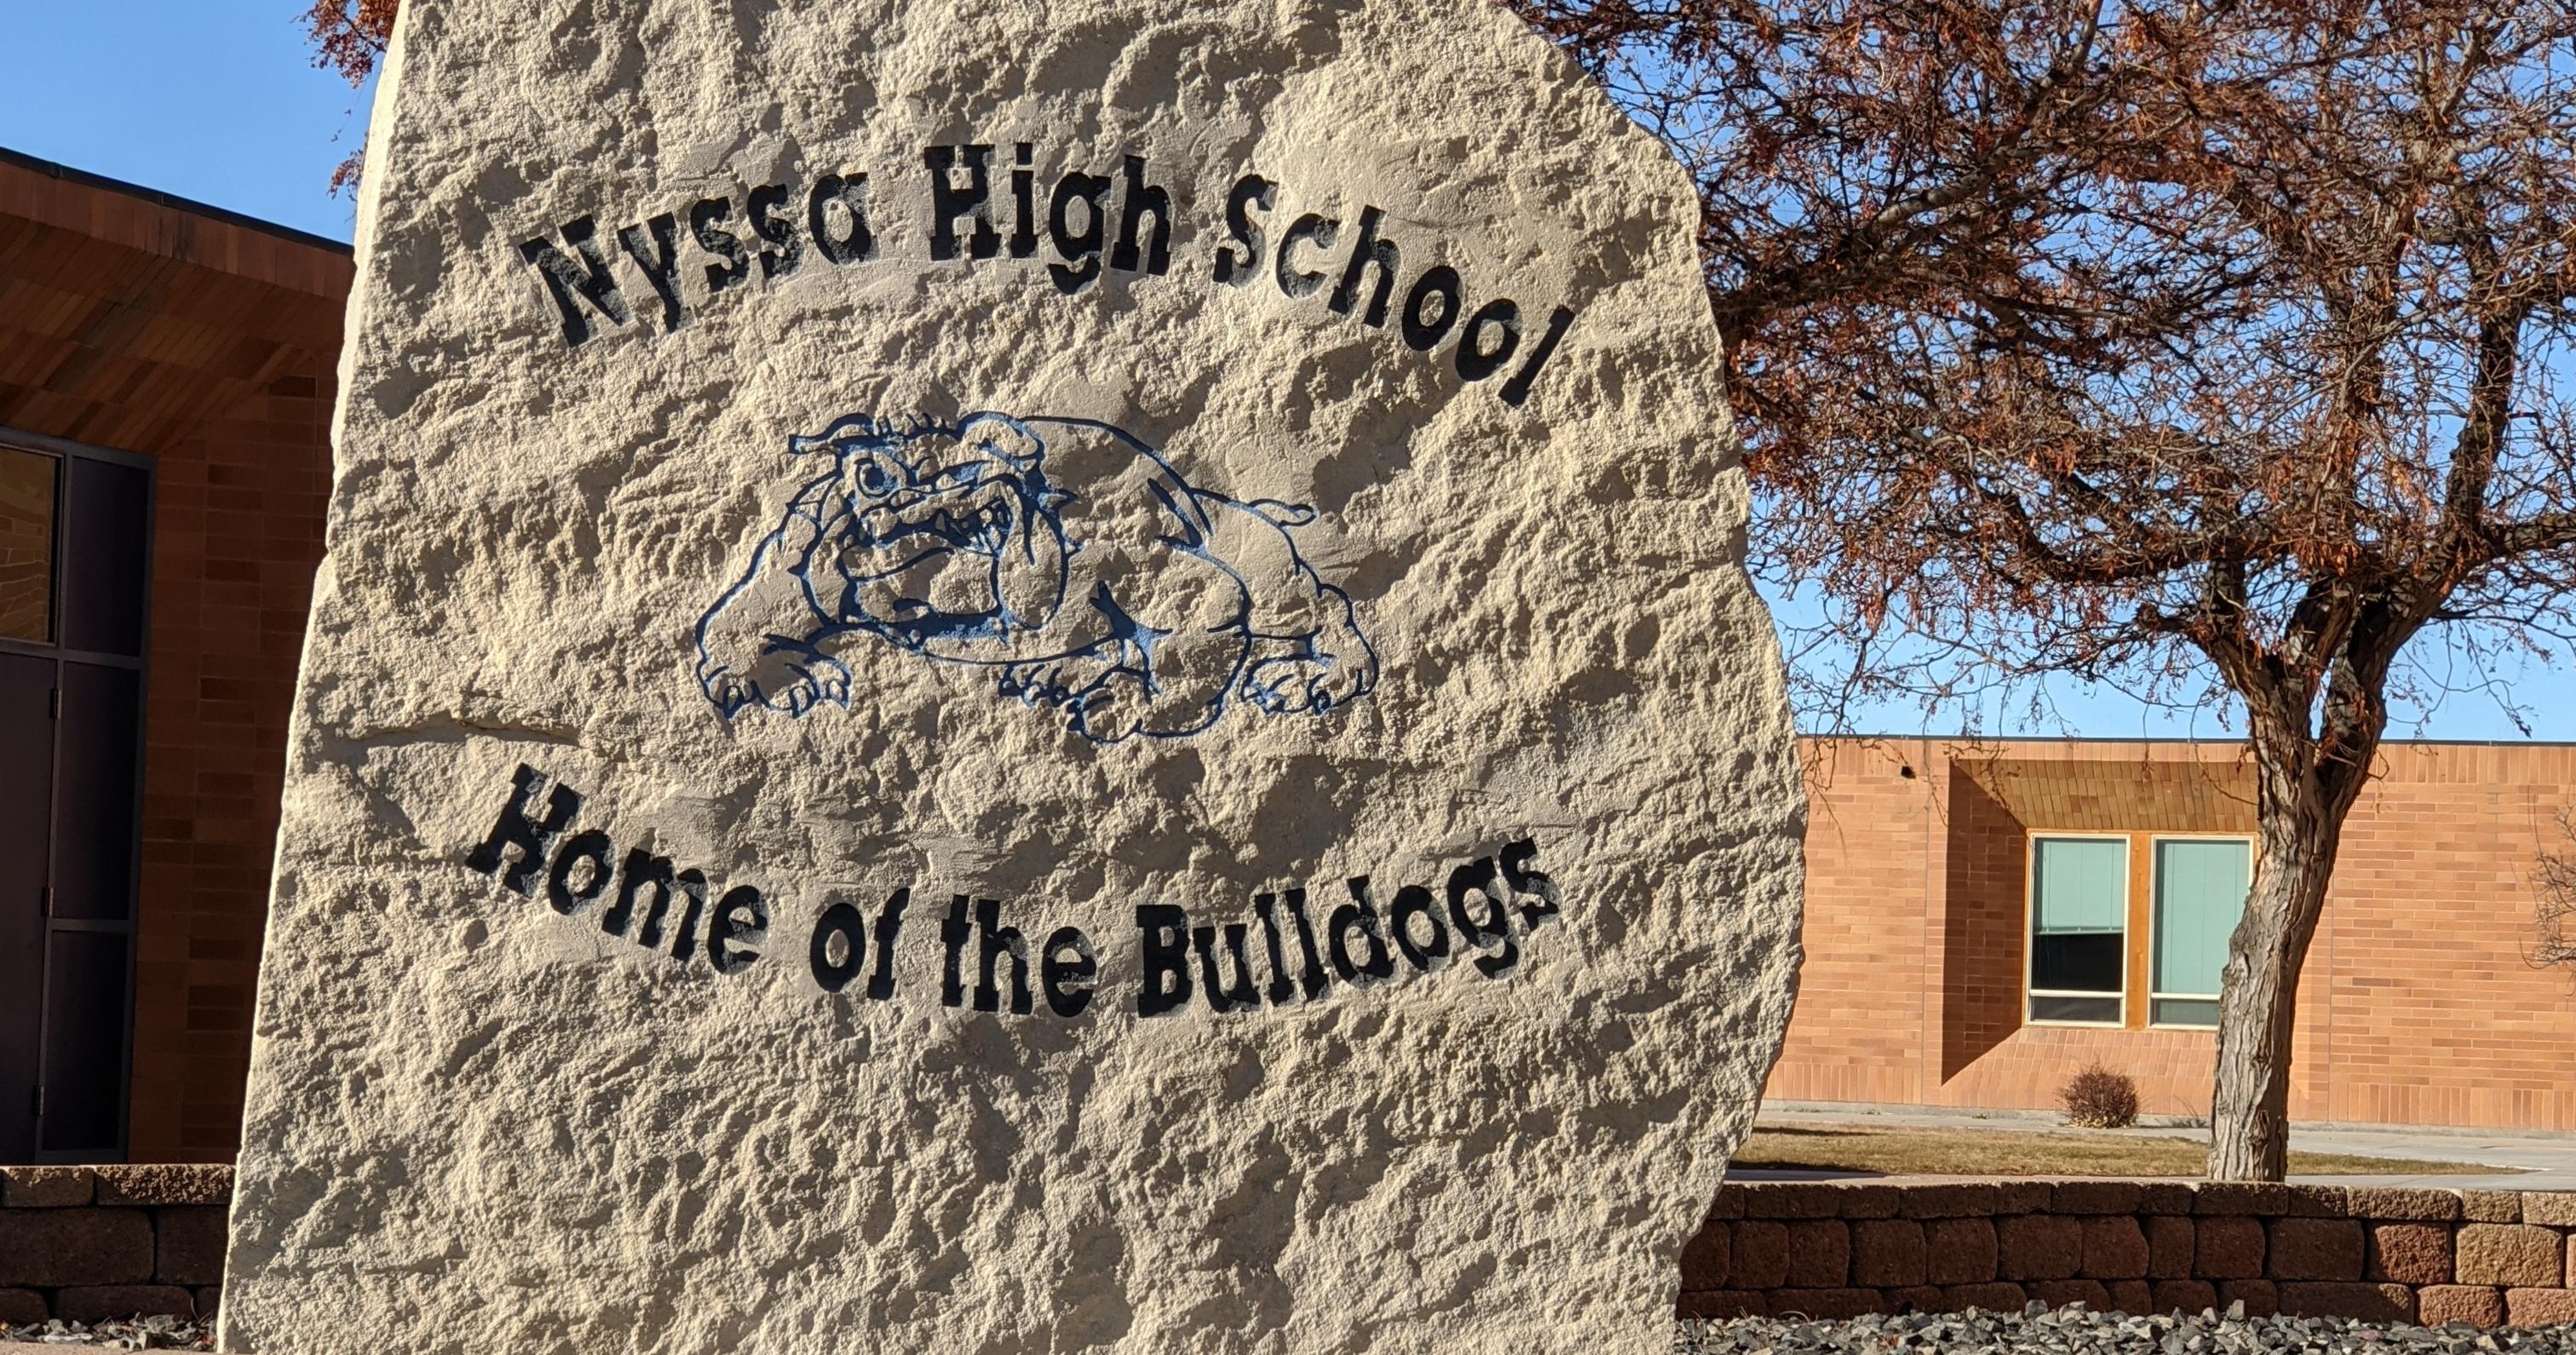 Nyssa High School